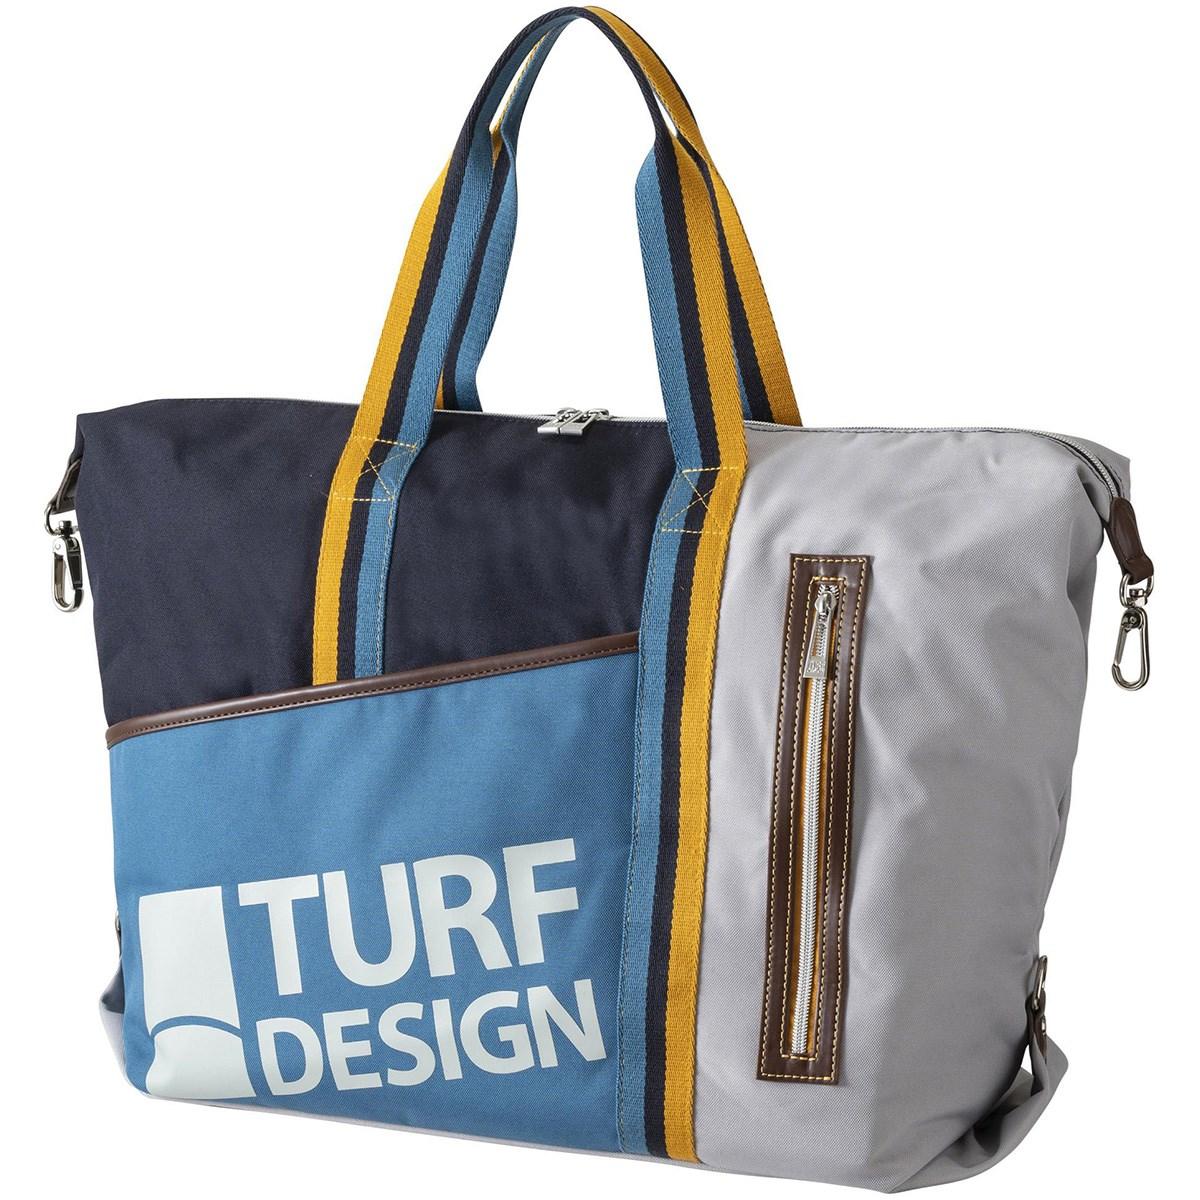 ターフデザイン トートバッグ ブルー メンズ ゴルフ